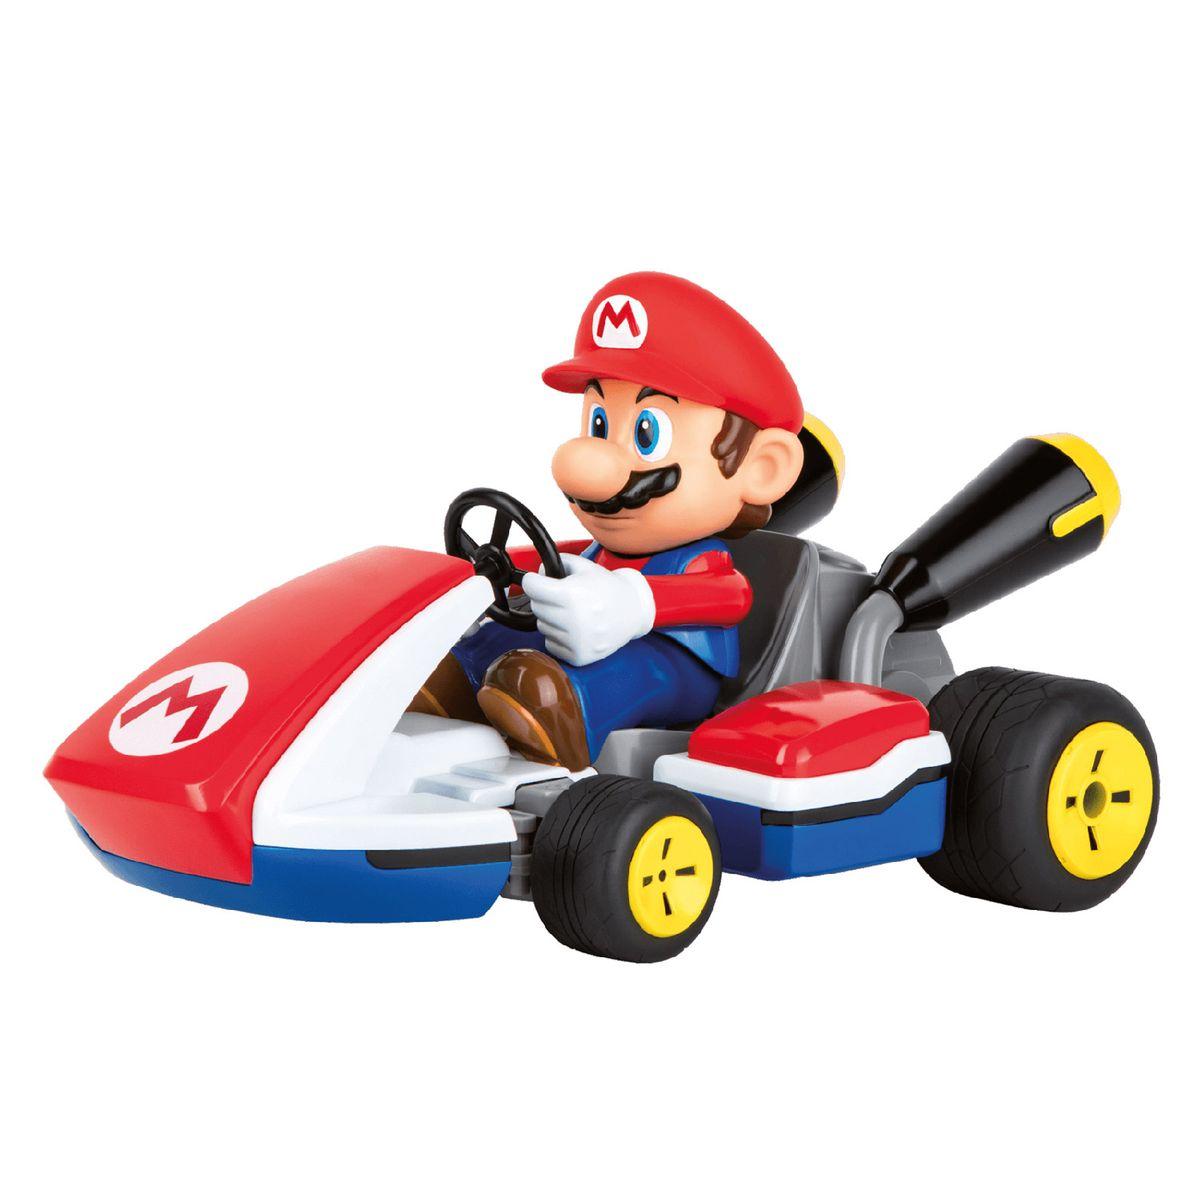 Voiture Radiocommandee Mario Race Kart Taille Taille Unique Mario Kart Mario Super Mario